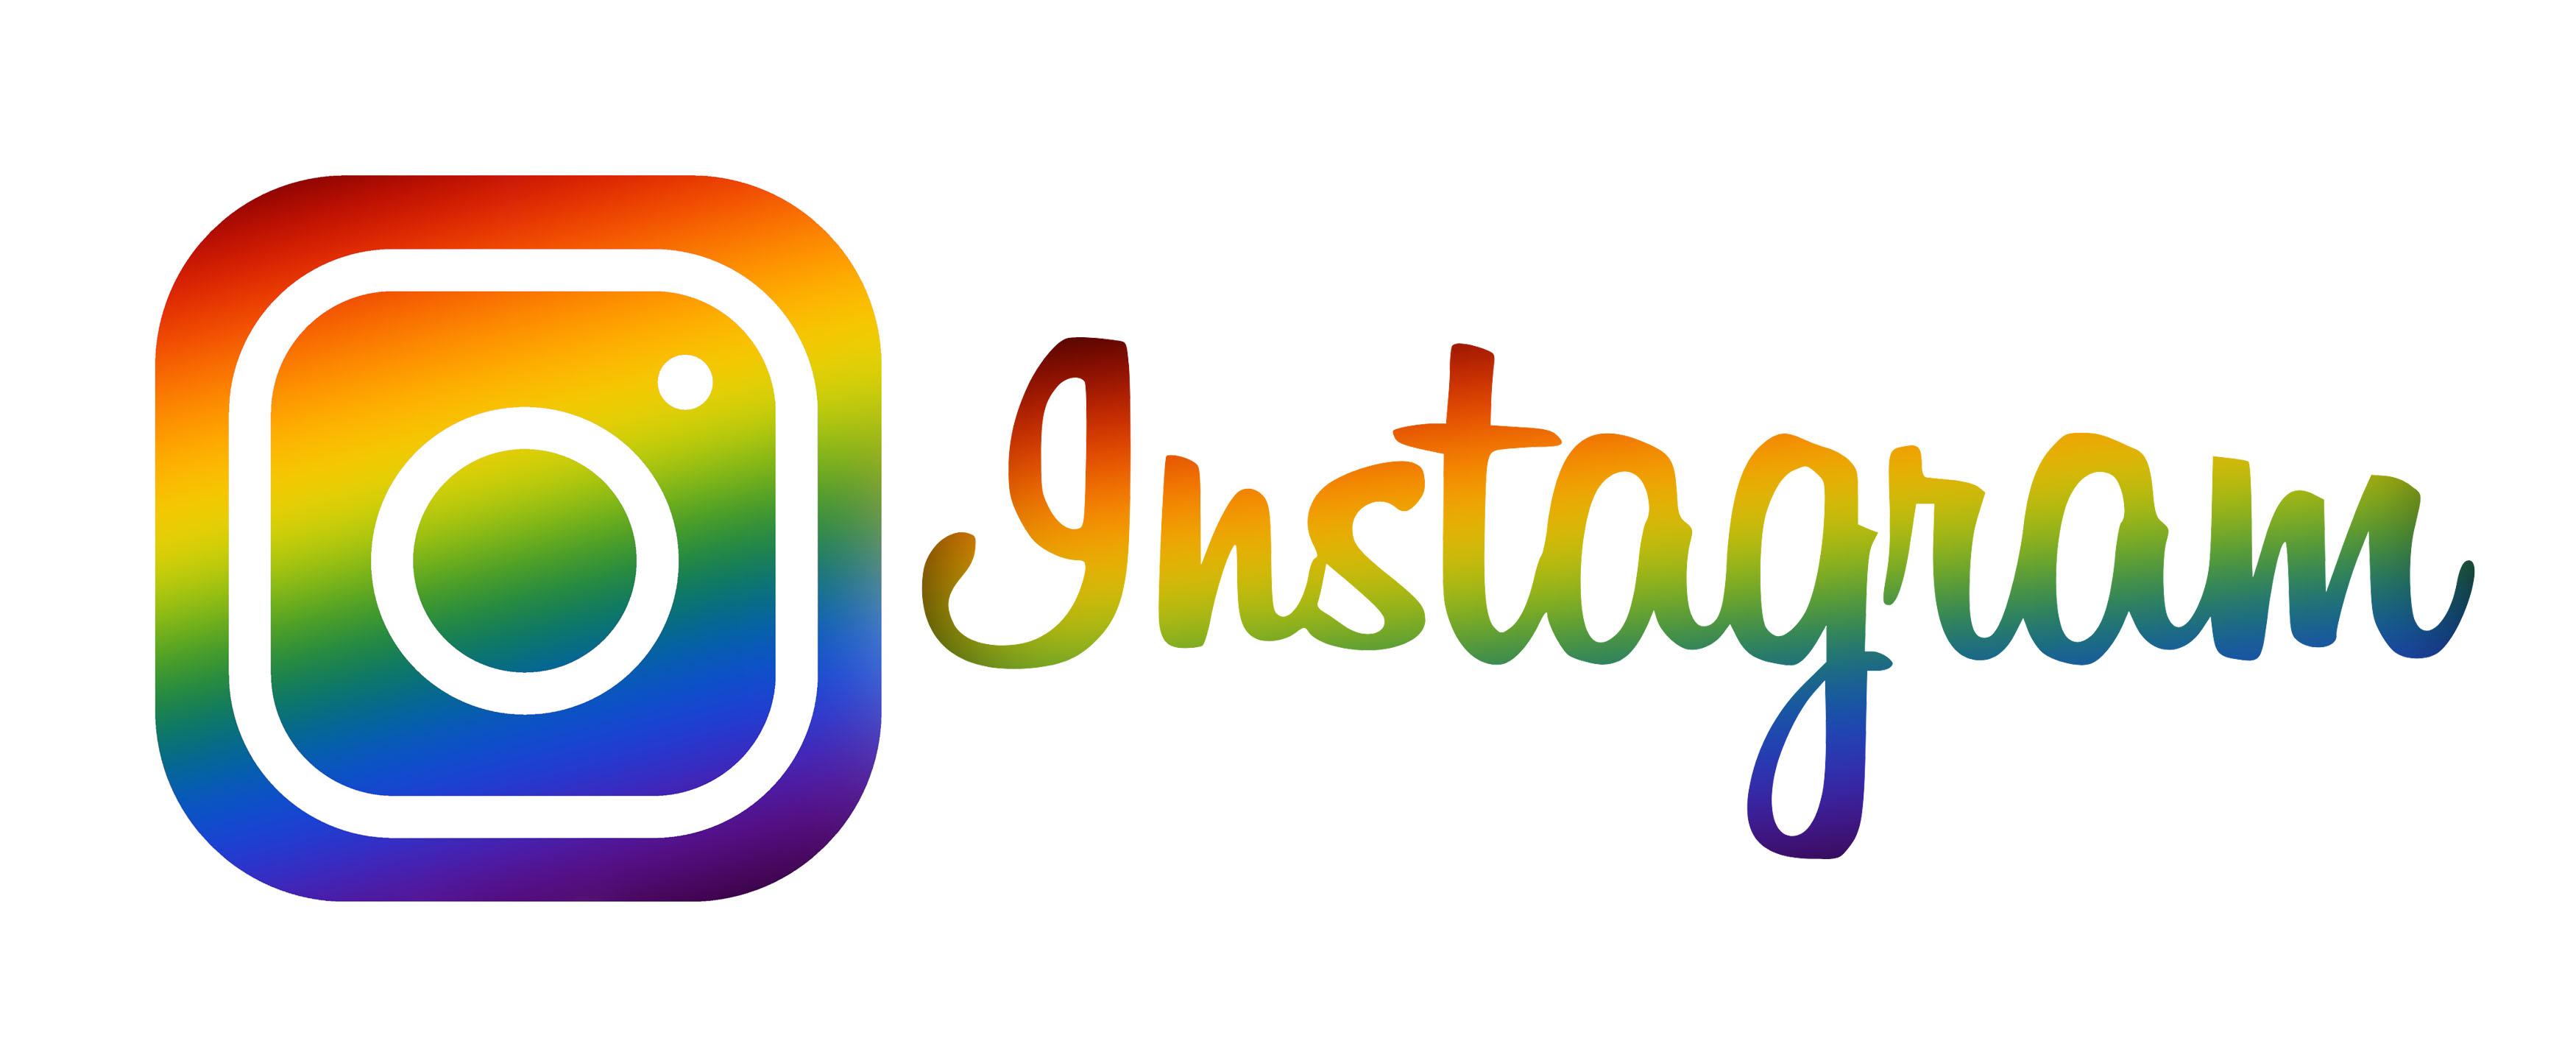 Come accedere a Instagram in modo sicuro 1